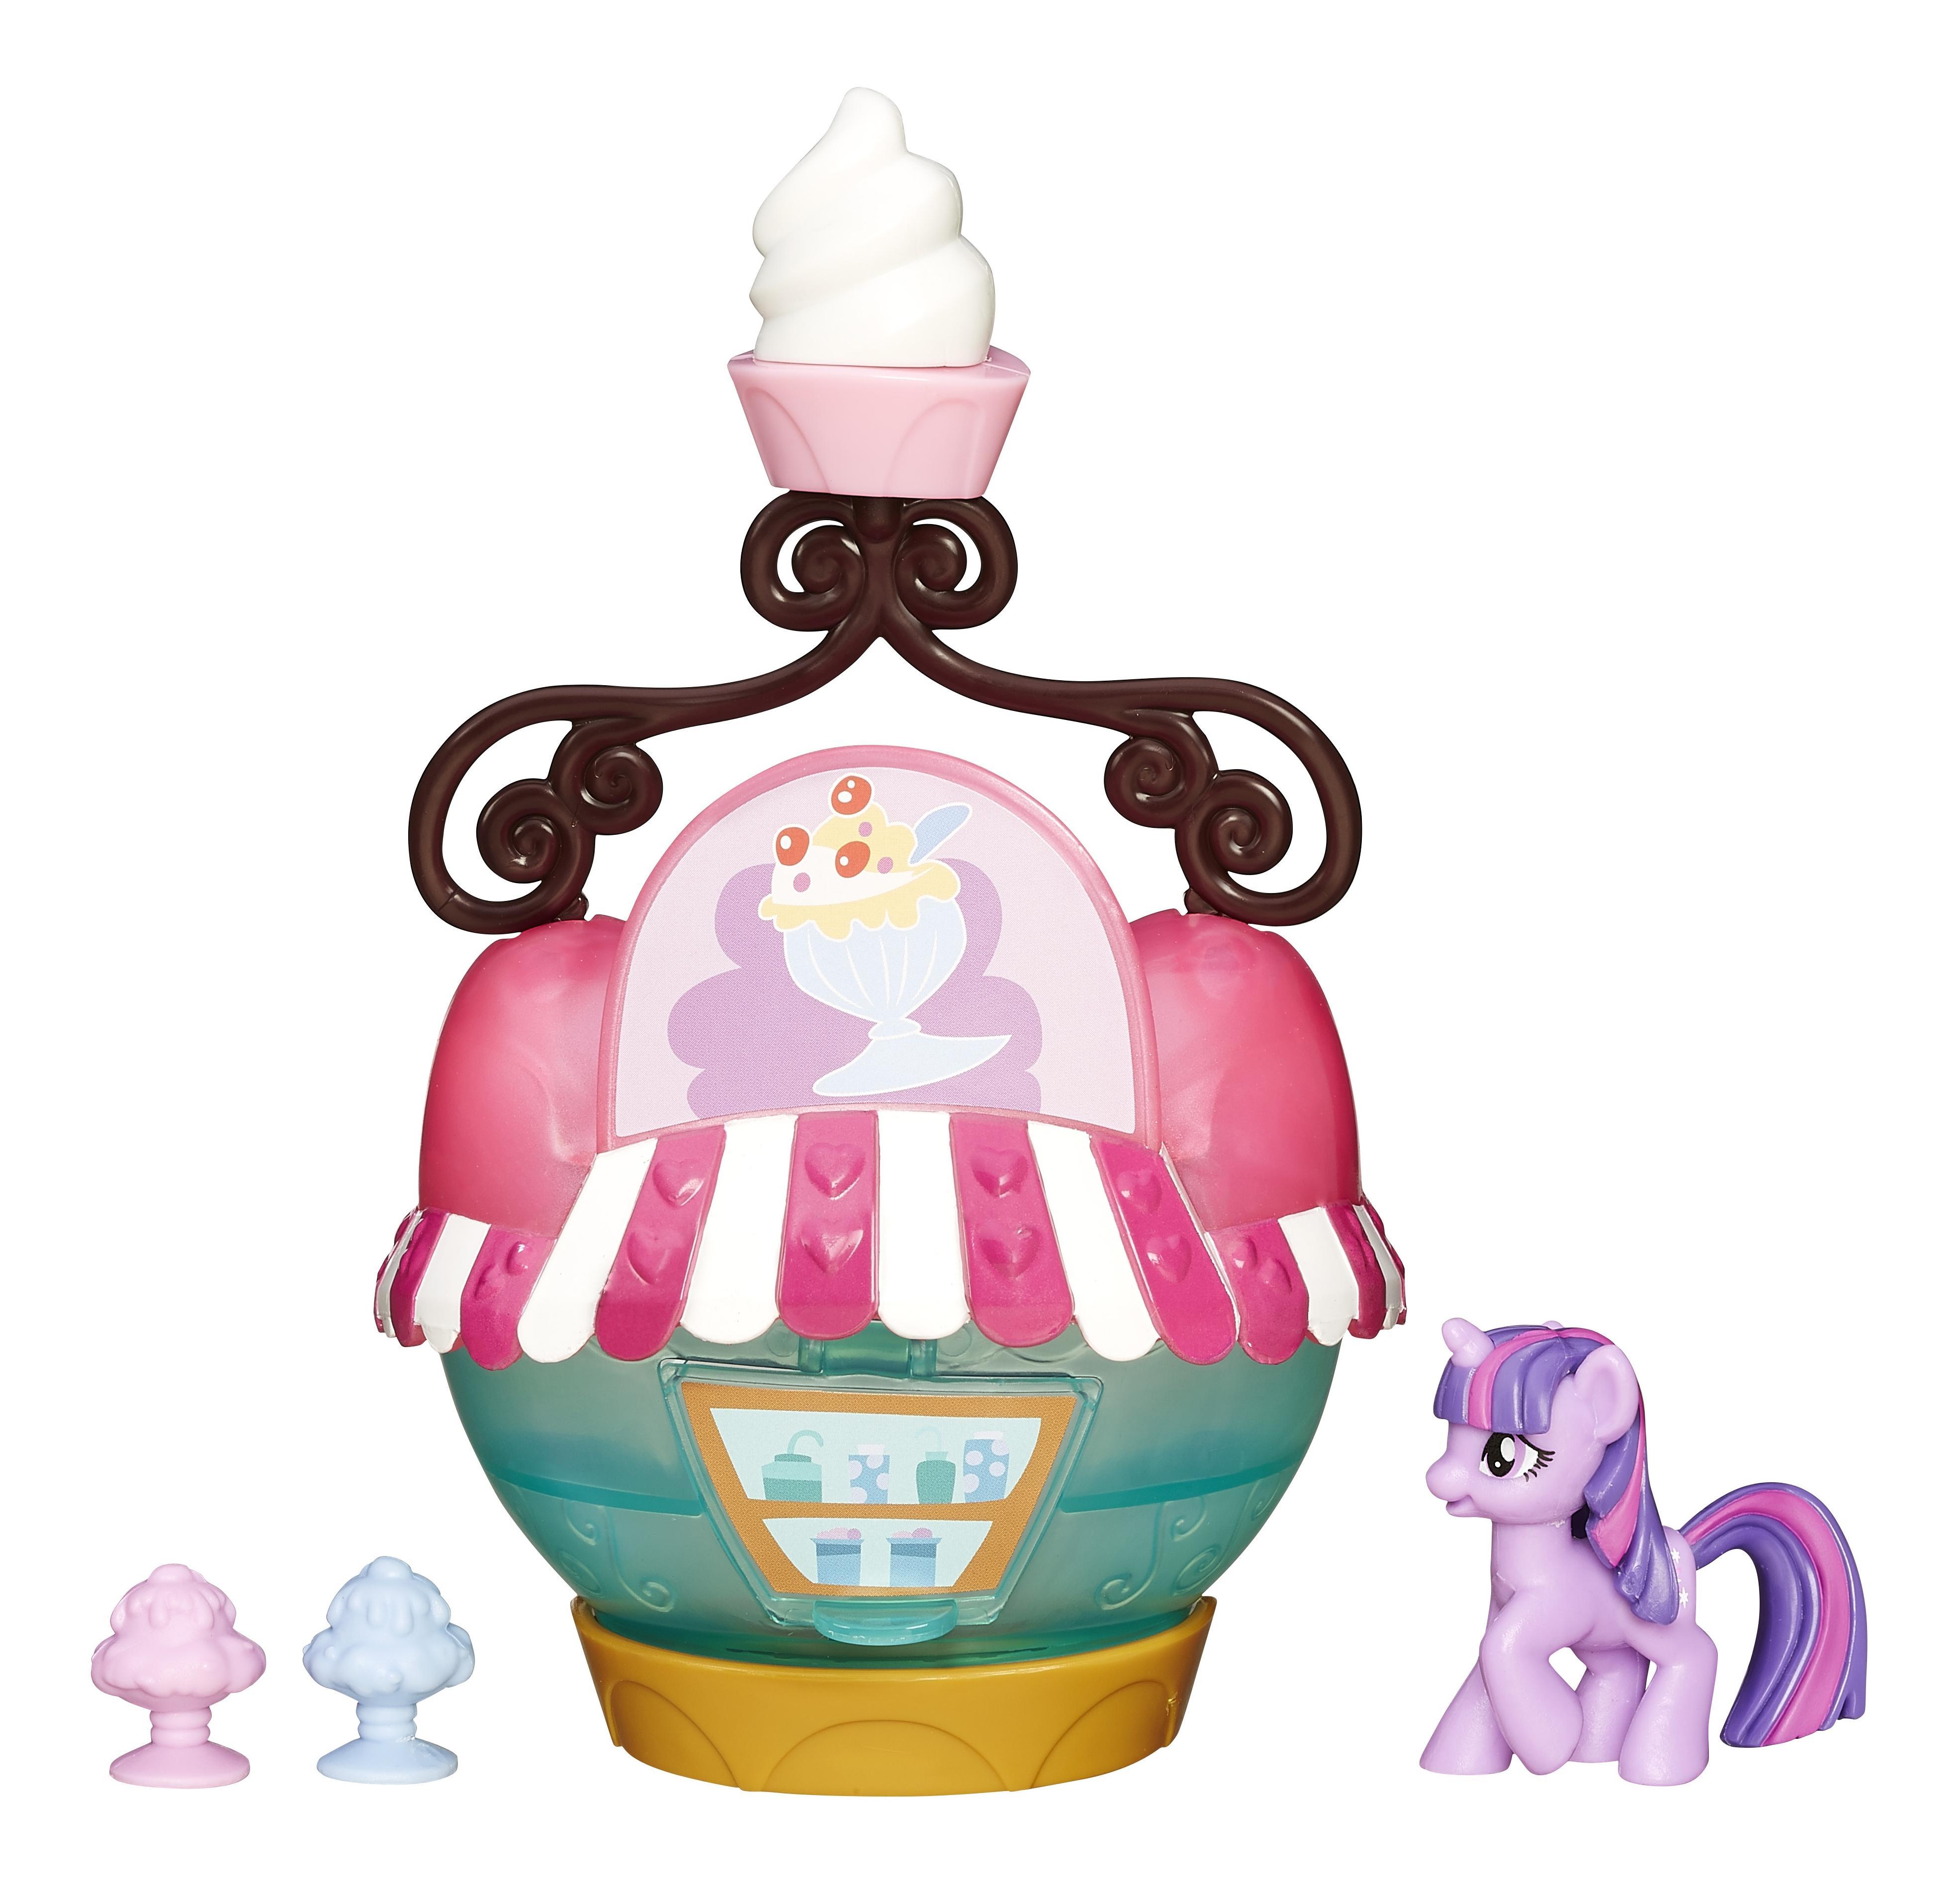 Купить Mlp коллекционный мини игровой набор пони b3597 b5568, My little Pony, Игровые наборы